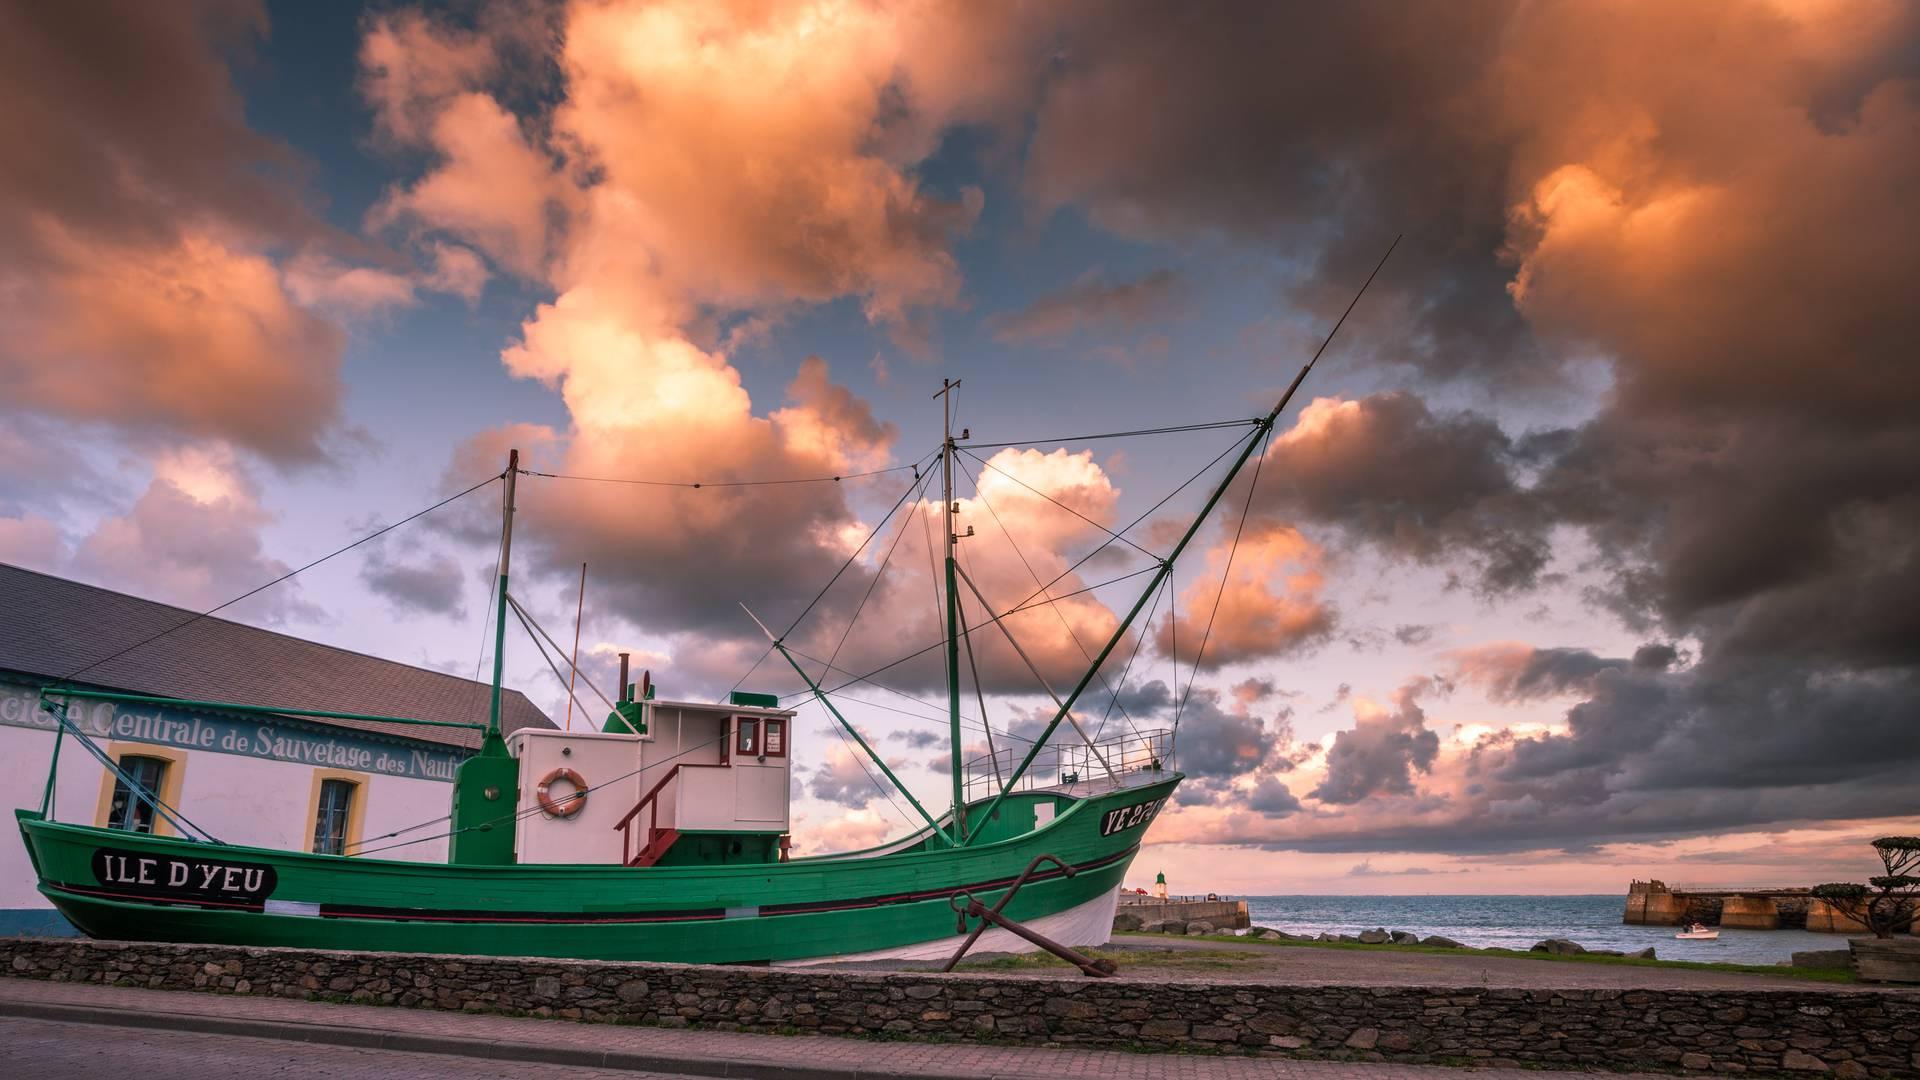 Thonier, Le Corsaire, Ile d'Yeu